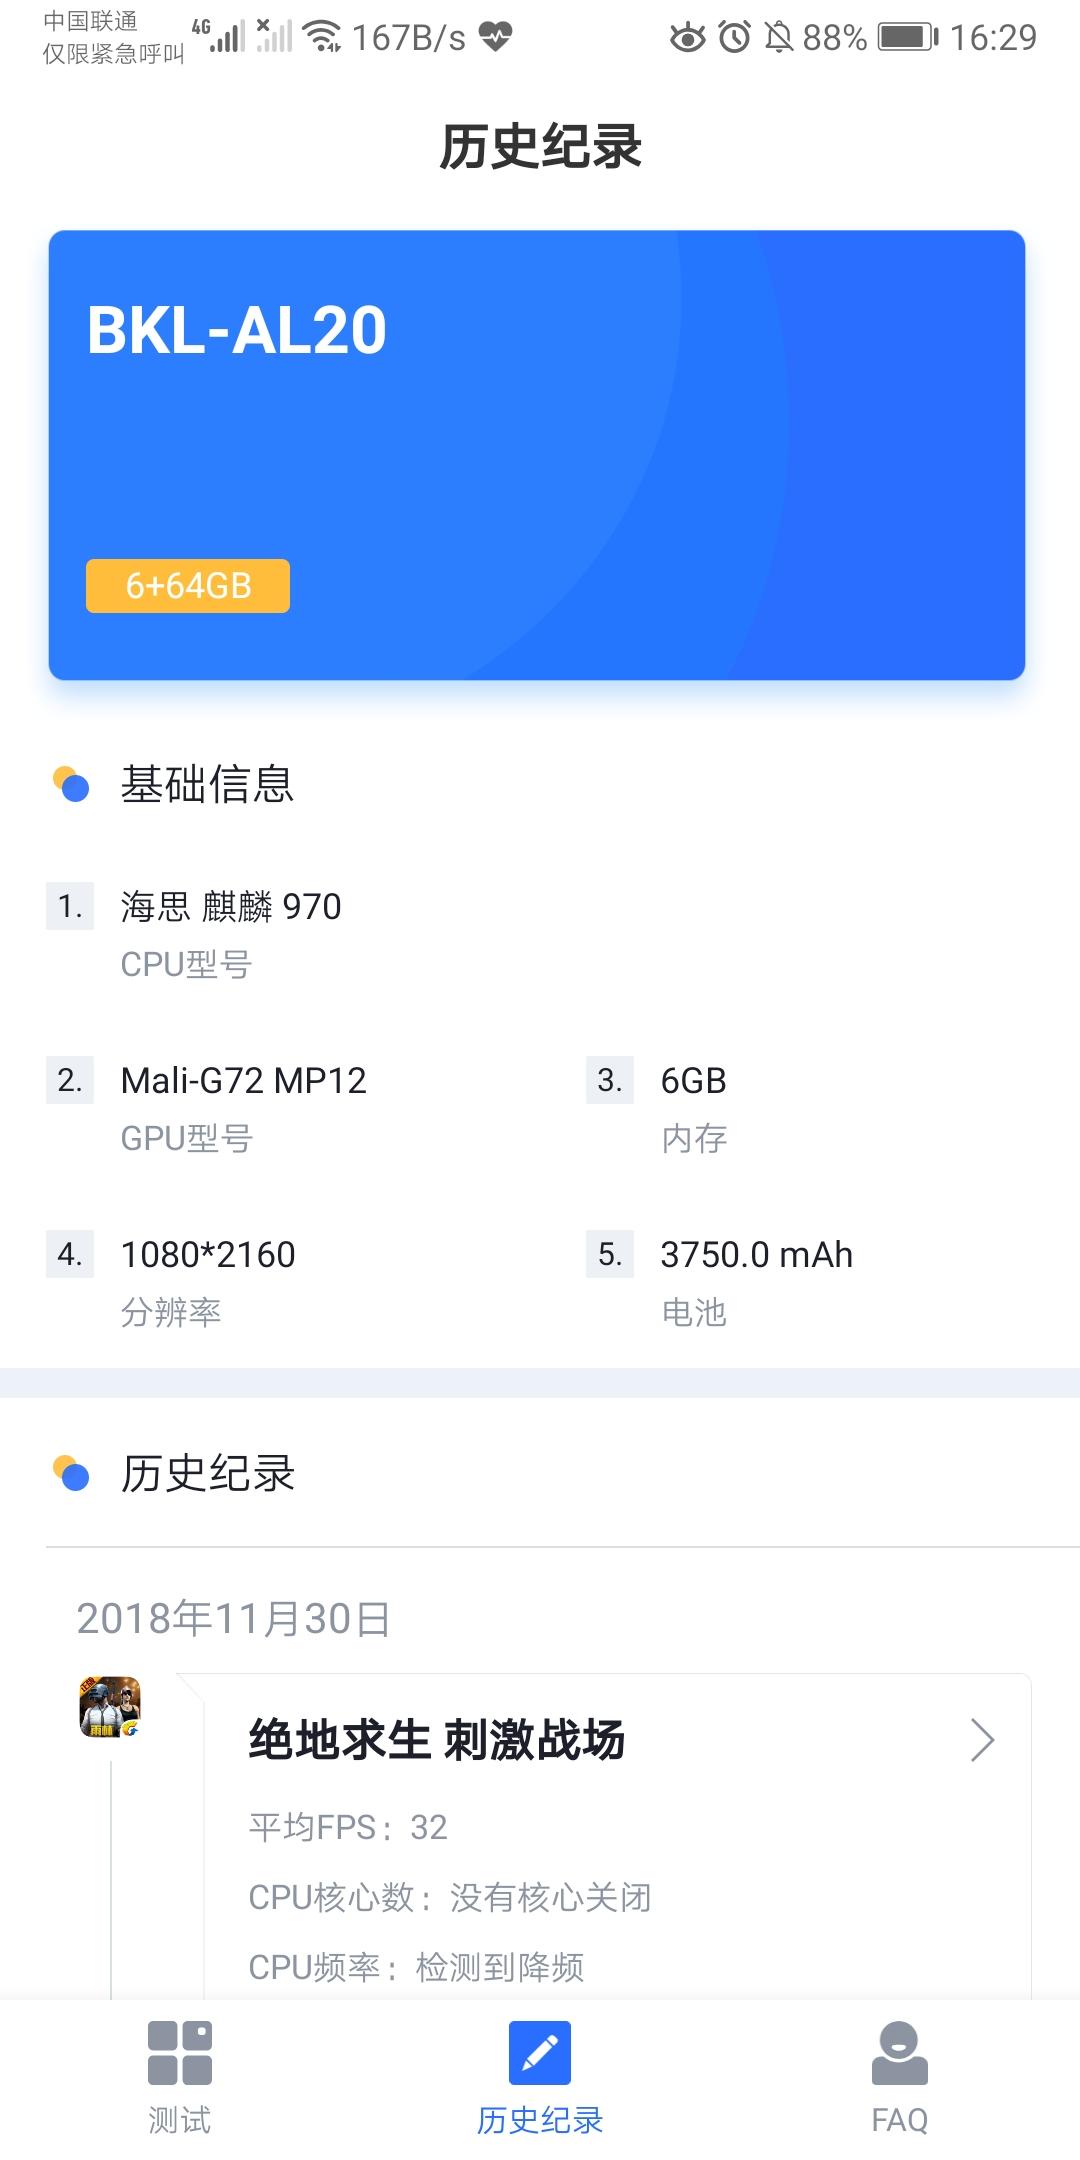 Screenshot_20181130_162901_com.af.benchaf.jpg